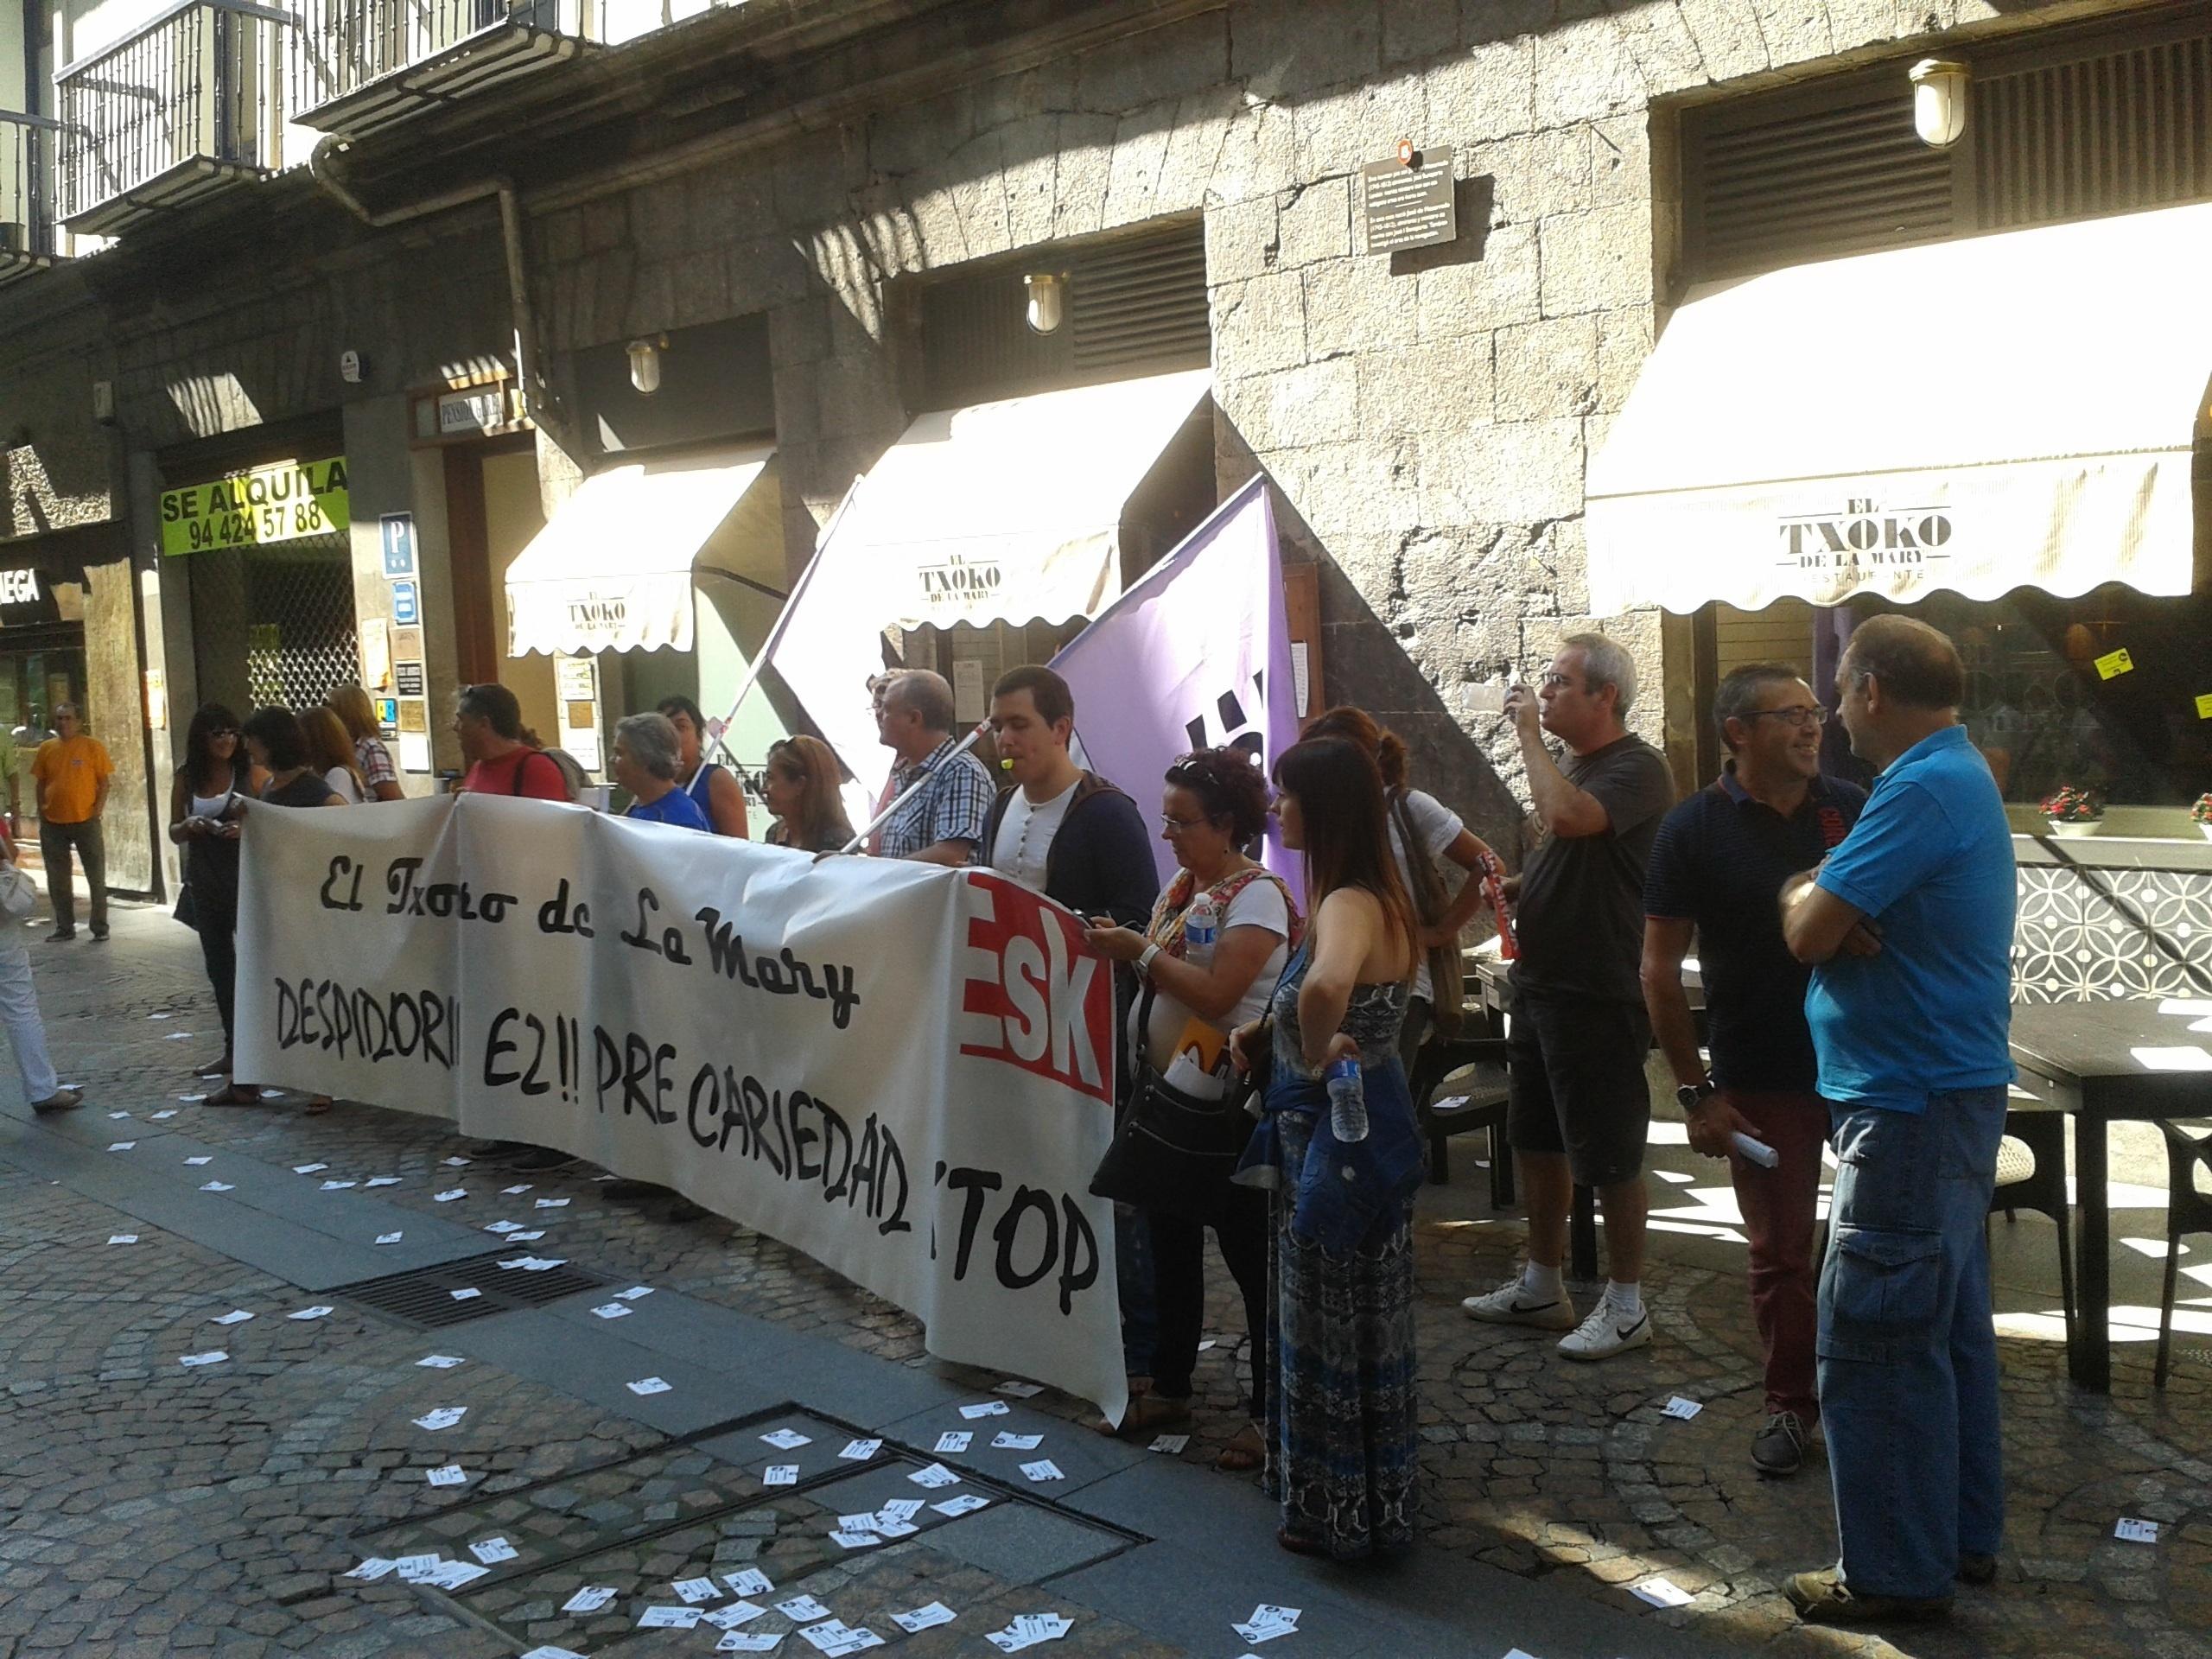 Delegados de ESK se concentran ante el Restaurante »El Txoko de la Mary» para denunciar su política de recursos humanos